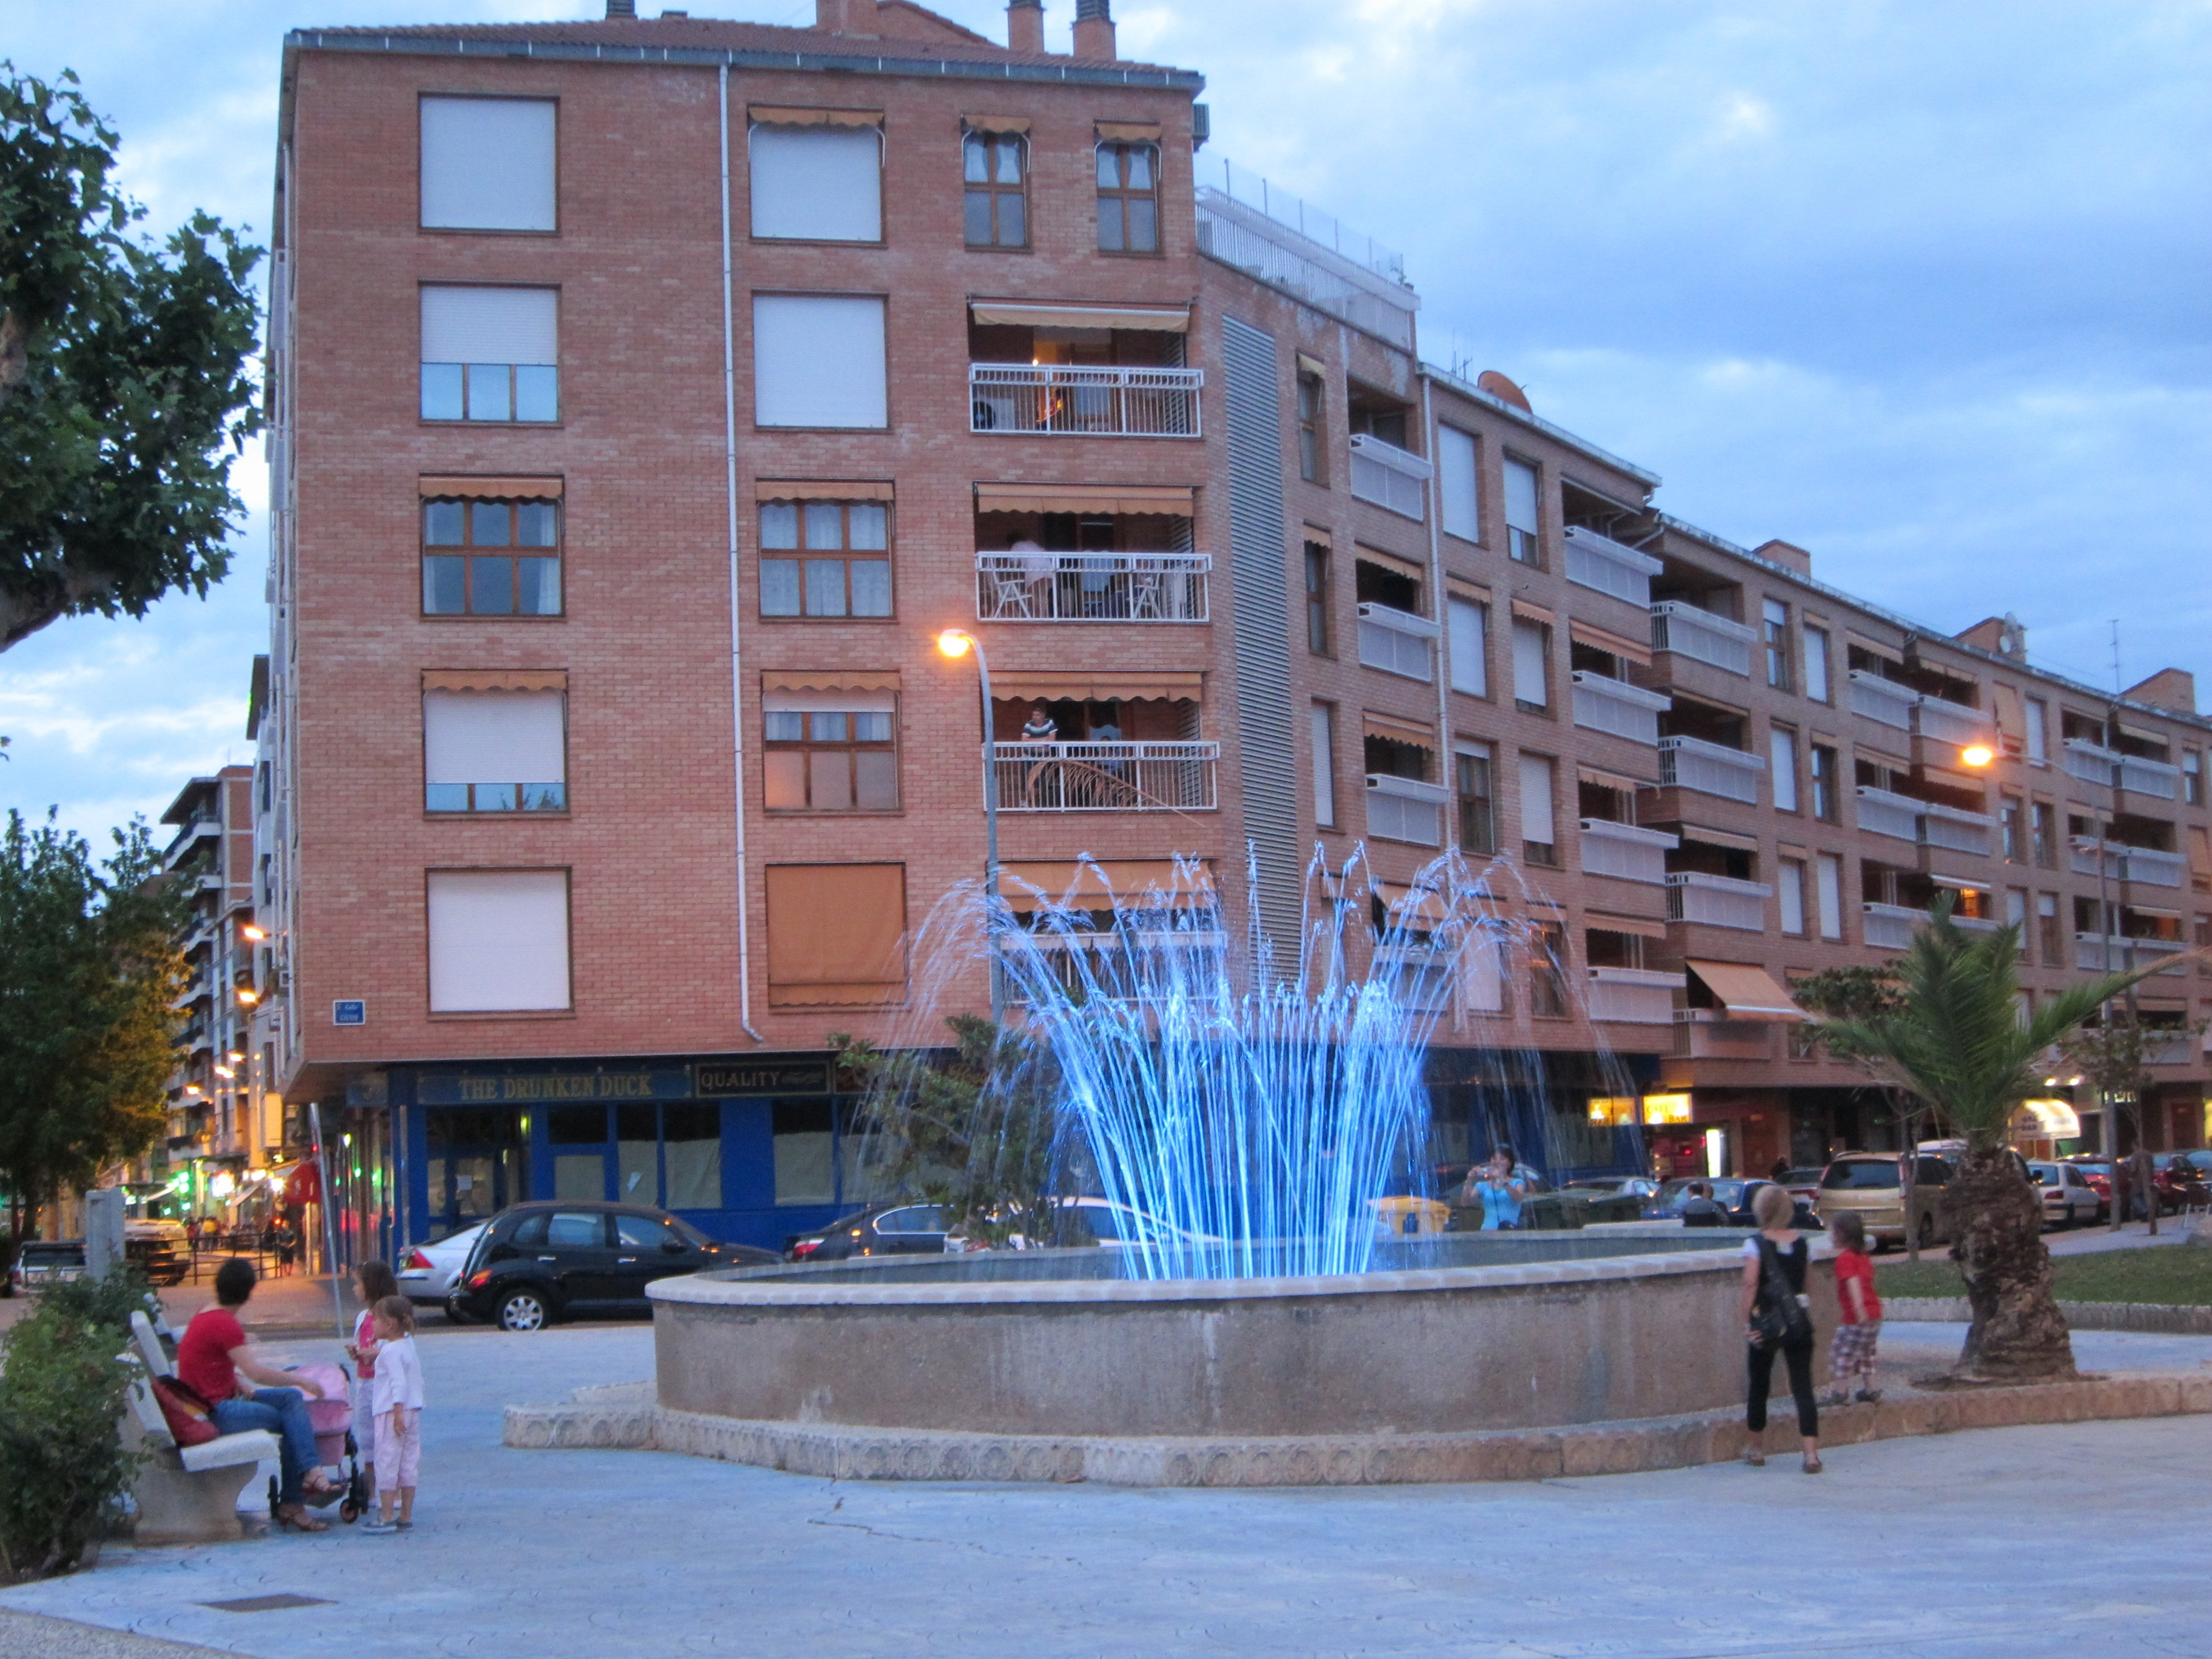 El precio de la vivienda libre desciende un 7,9% en el segundo trimestre en Galicia, según Fomento